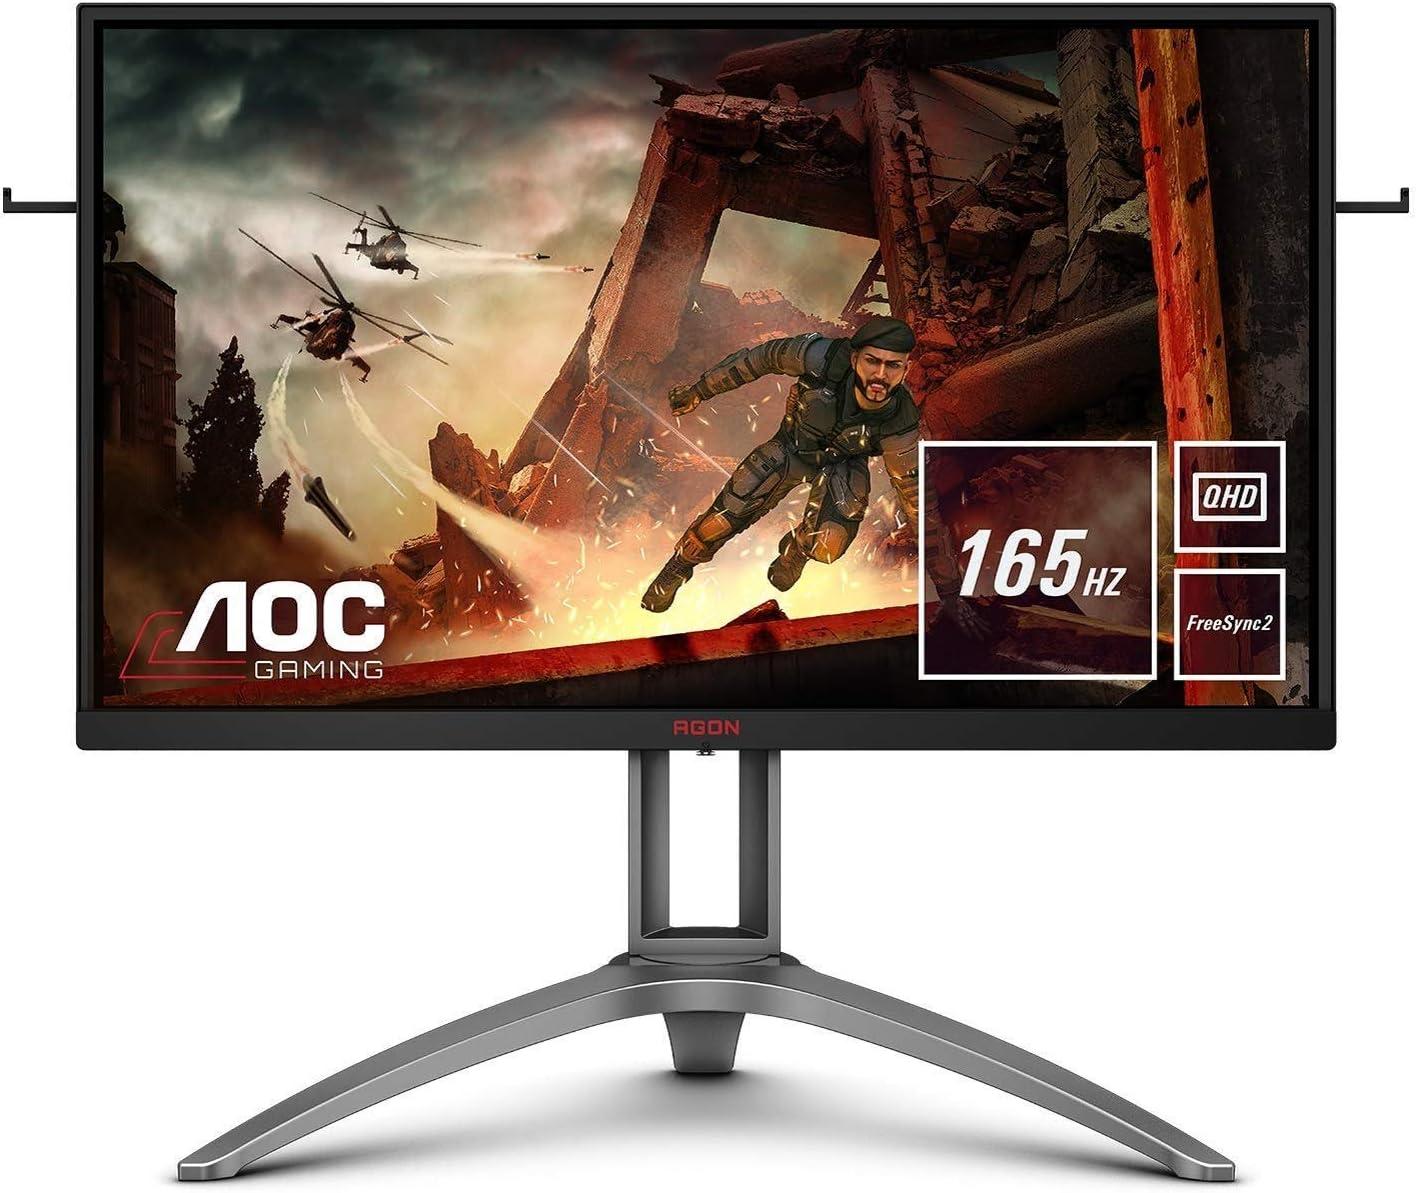 AOC AGON AG9QX 9 cm (9 inch) monitor (HDMI, DisplayPort, USB Hub,  Free-Sync 9, 9ms response time, HDR 9, 9560 x 9440, 965 Hz) black